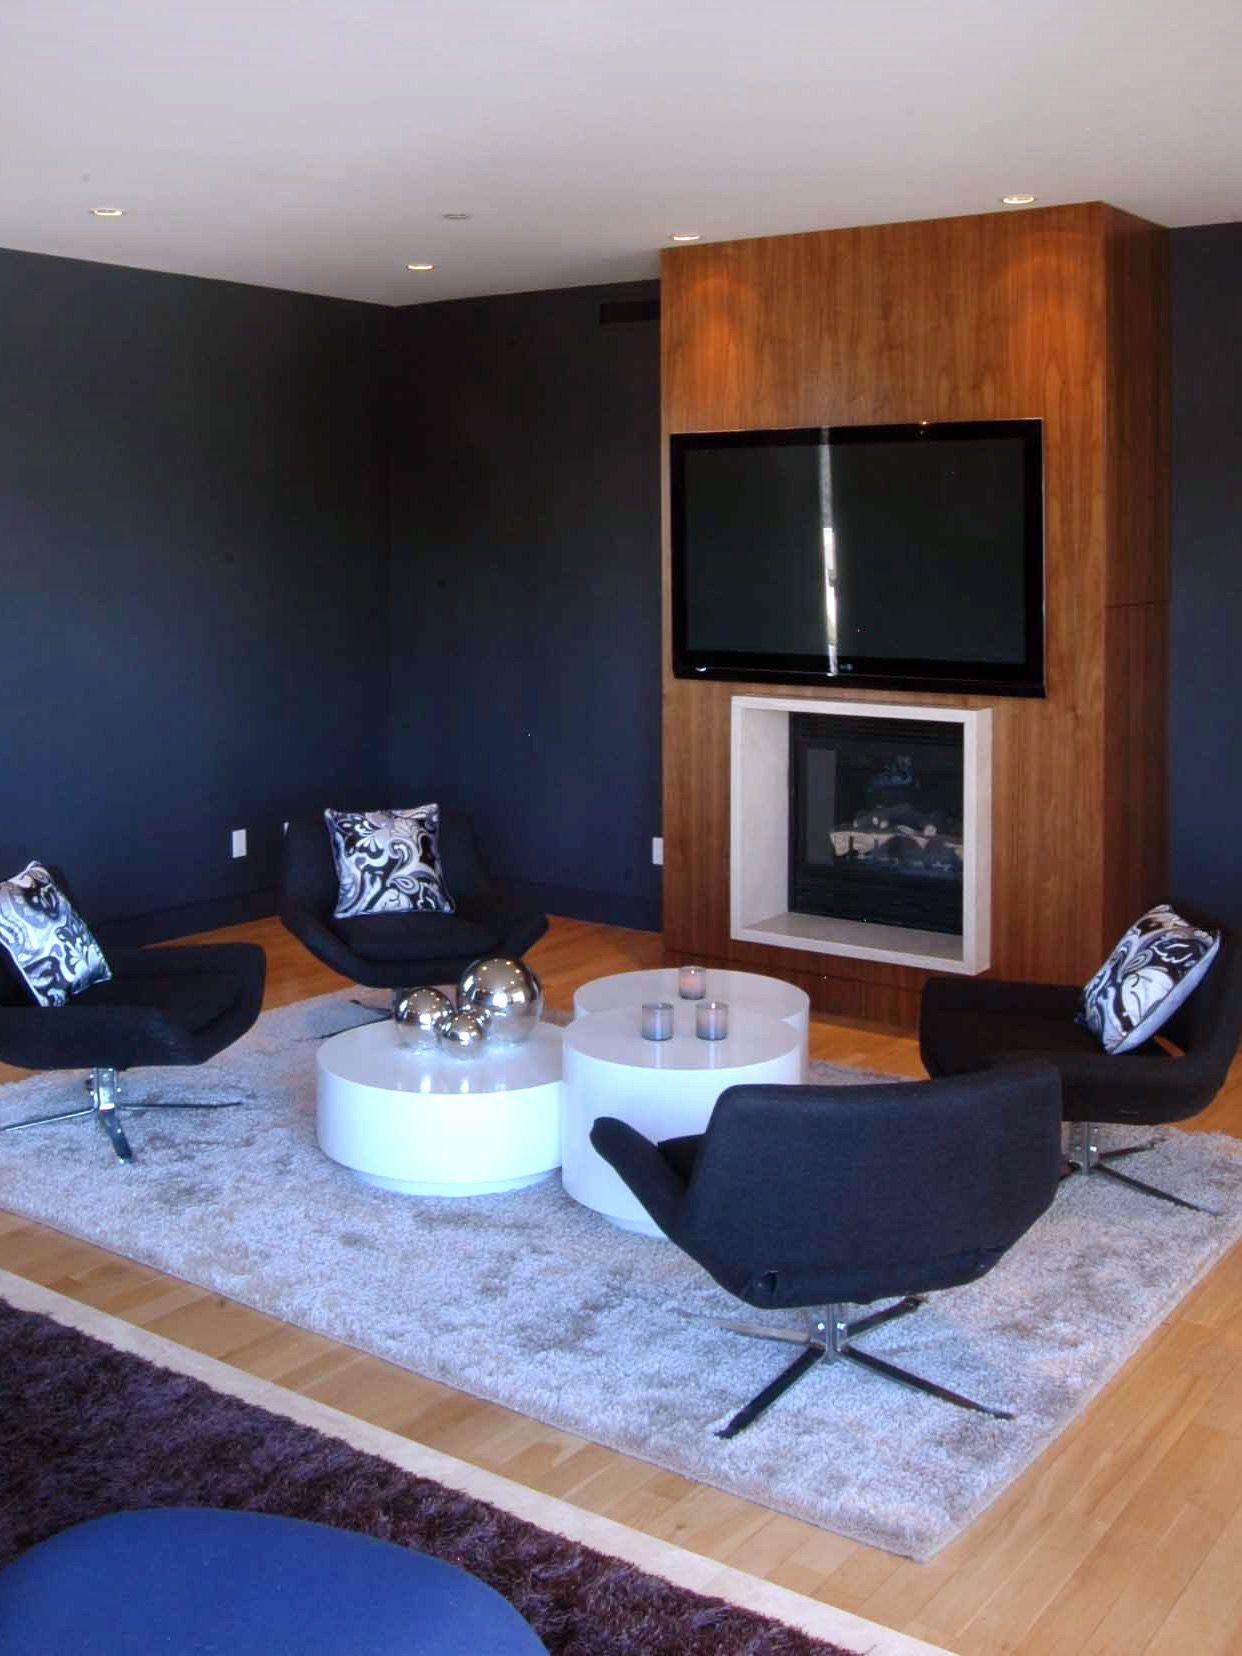 Interior design-ideen wohnzimmer mit tv  moderne und zeitgenössische wohnzimmer design ideen  wohnzimmer